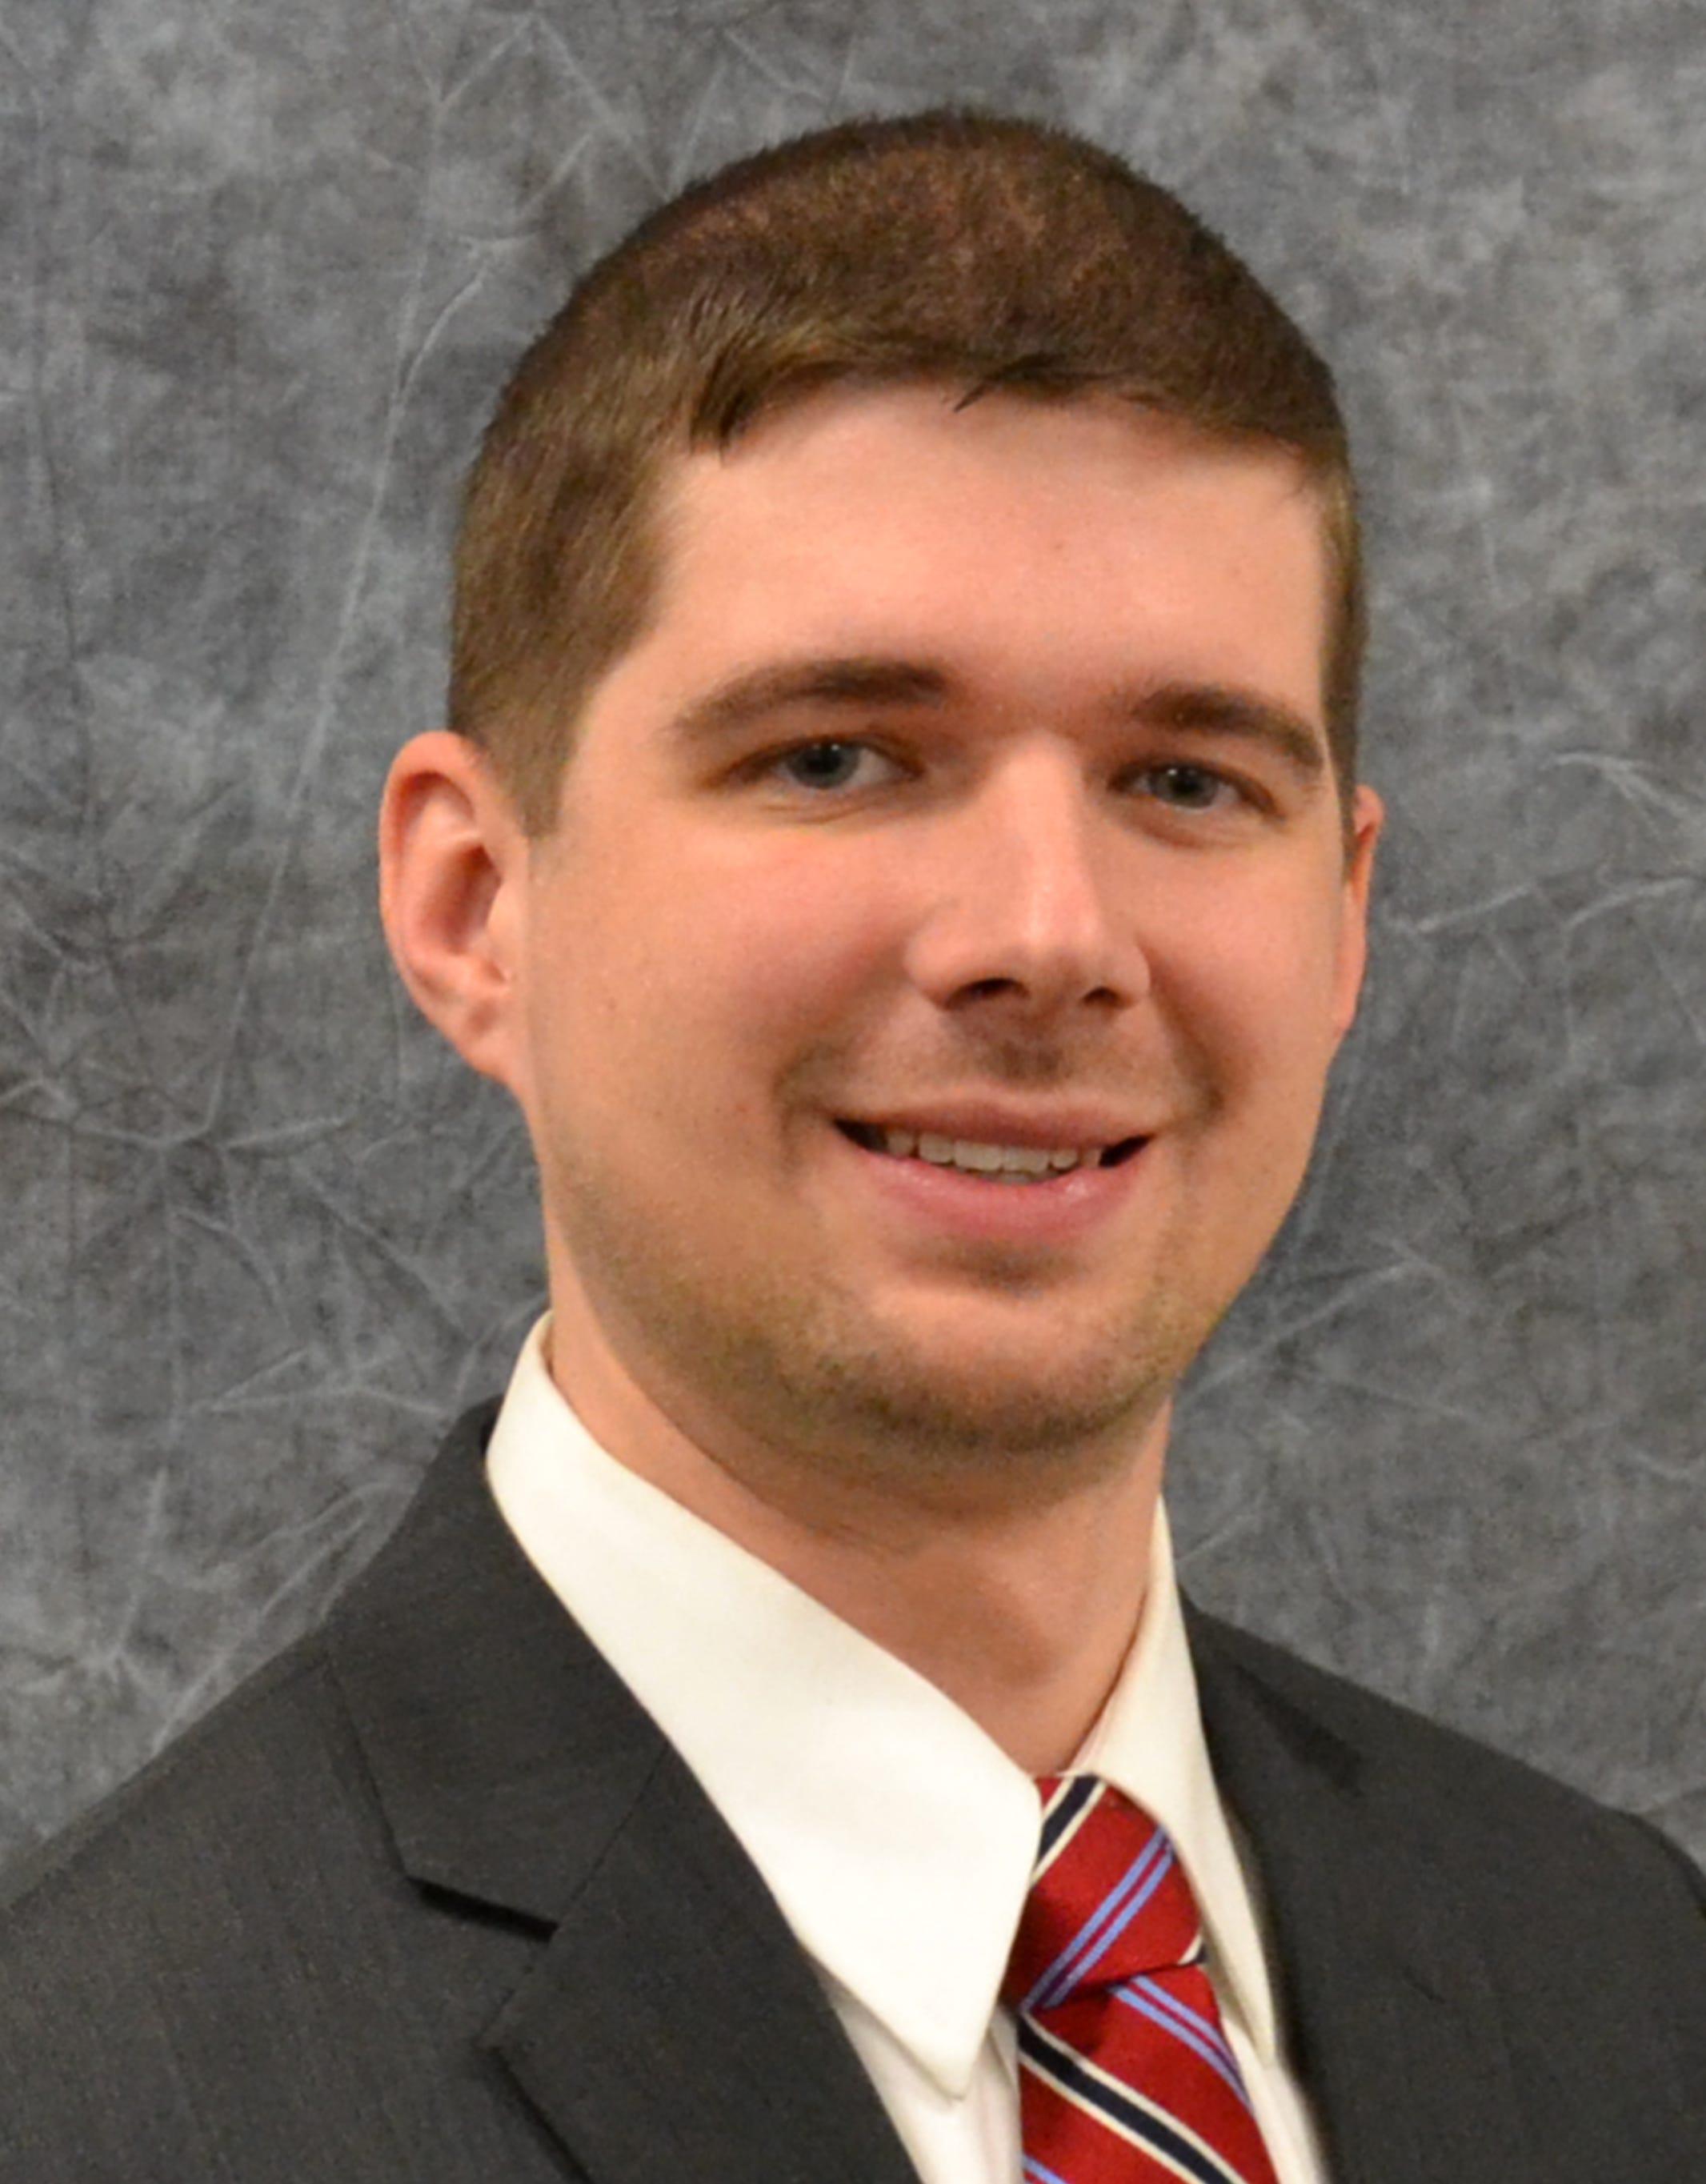 Joe Rossi, insurance agent in Massachusetts